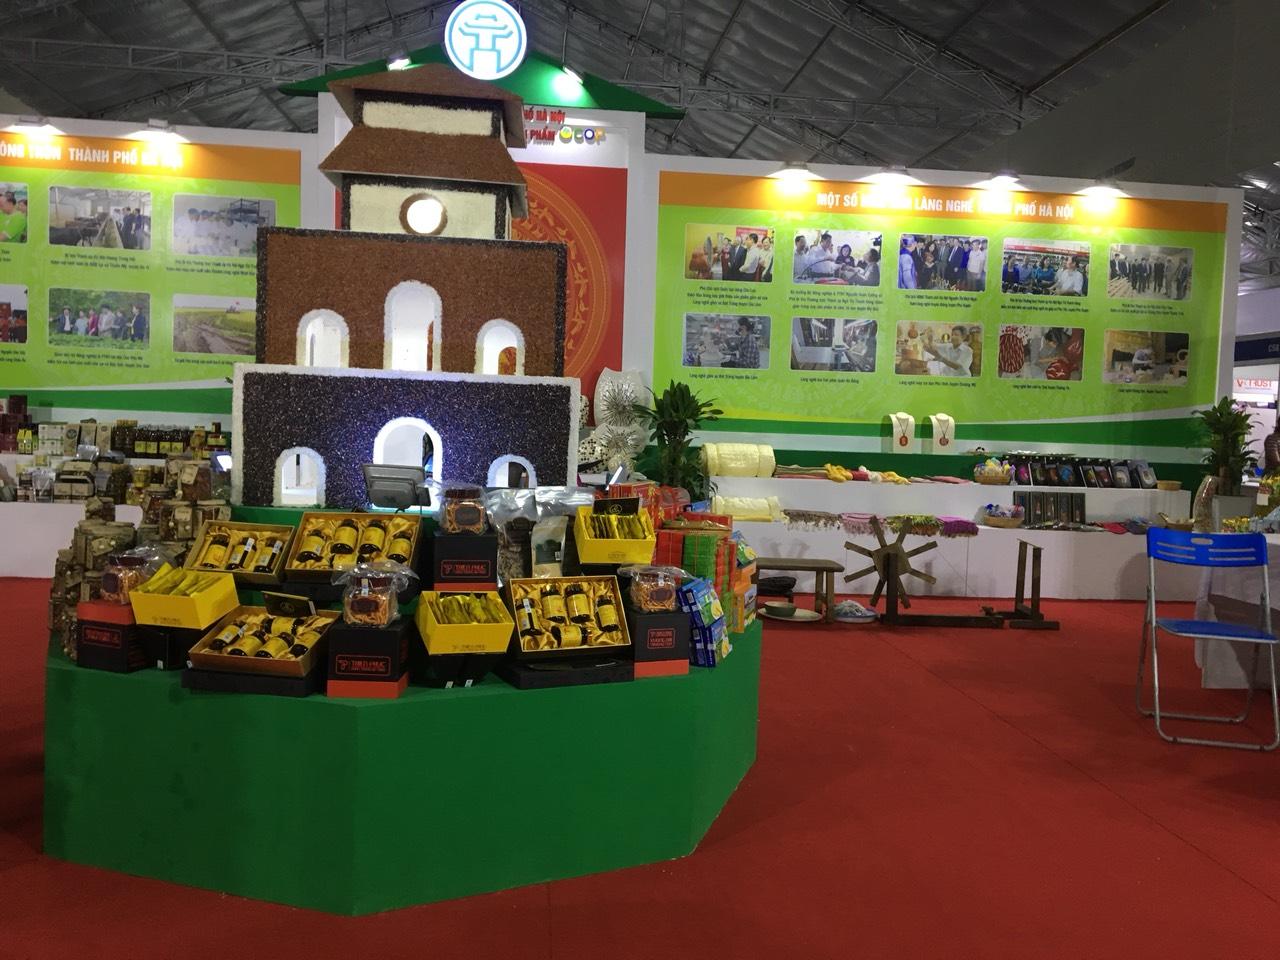 Gia Phạm thiết kế và thi công gian hàng Hội chợ Sản phẩm Nông nghiệp an toàn 2019